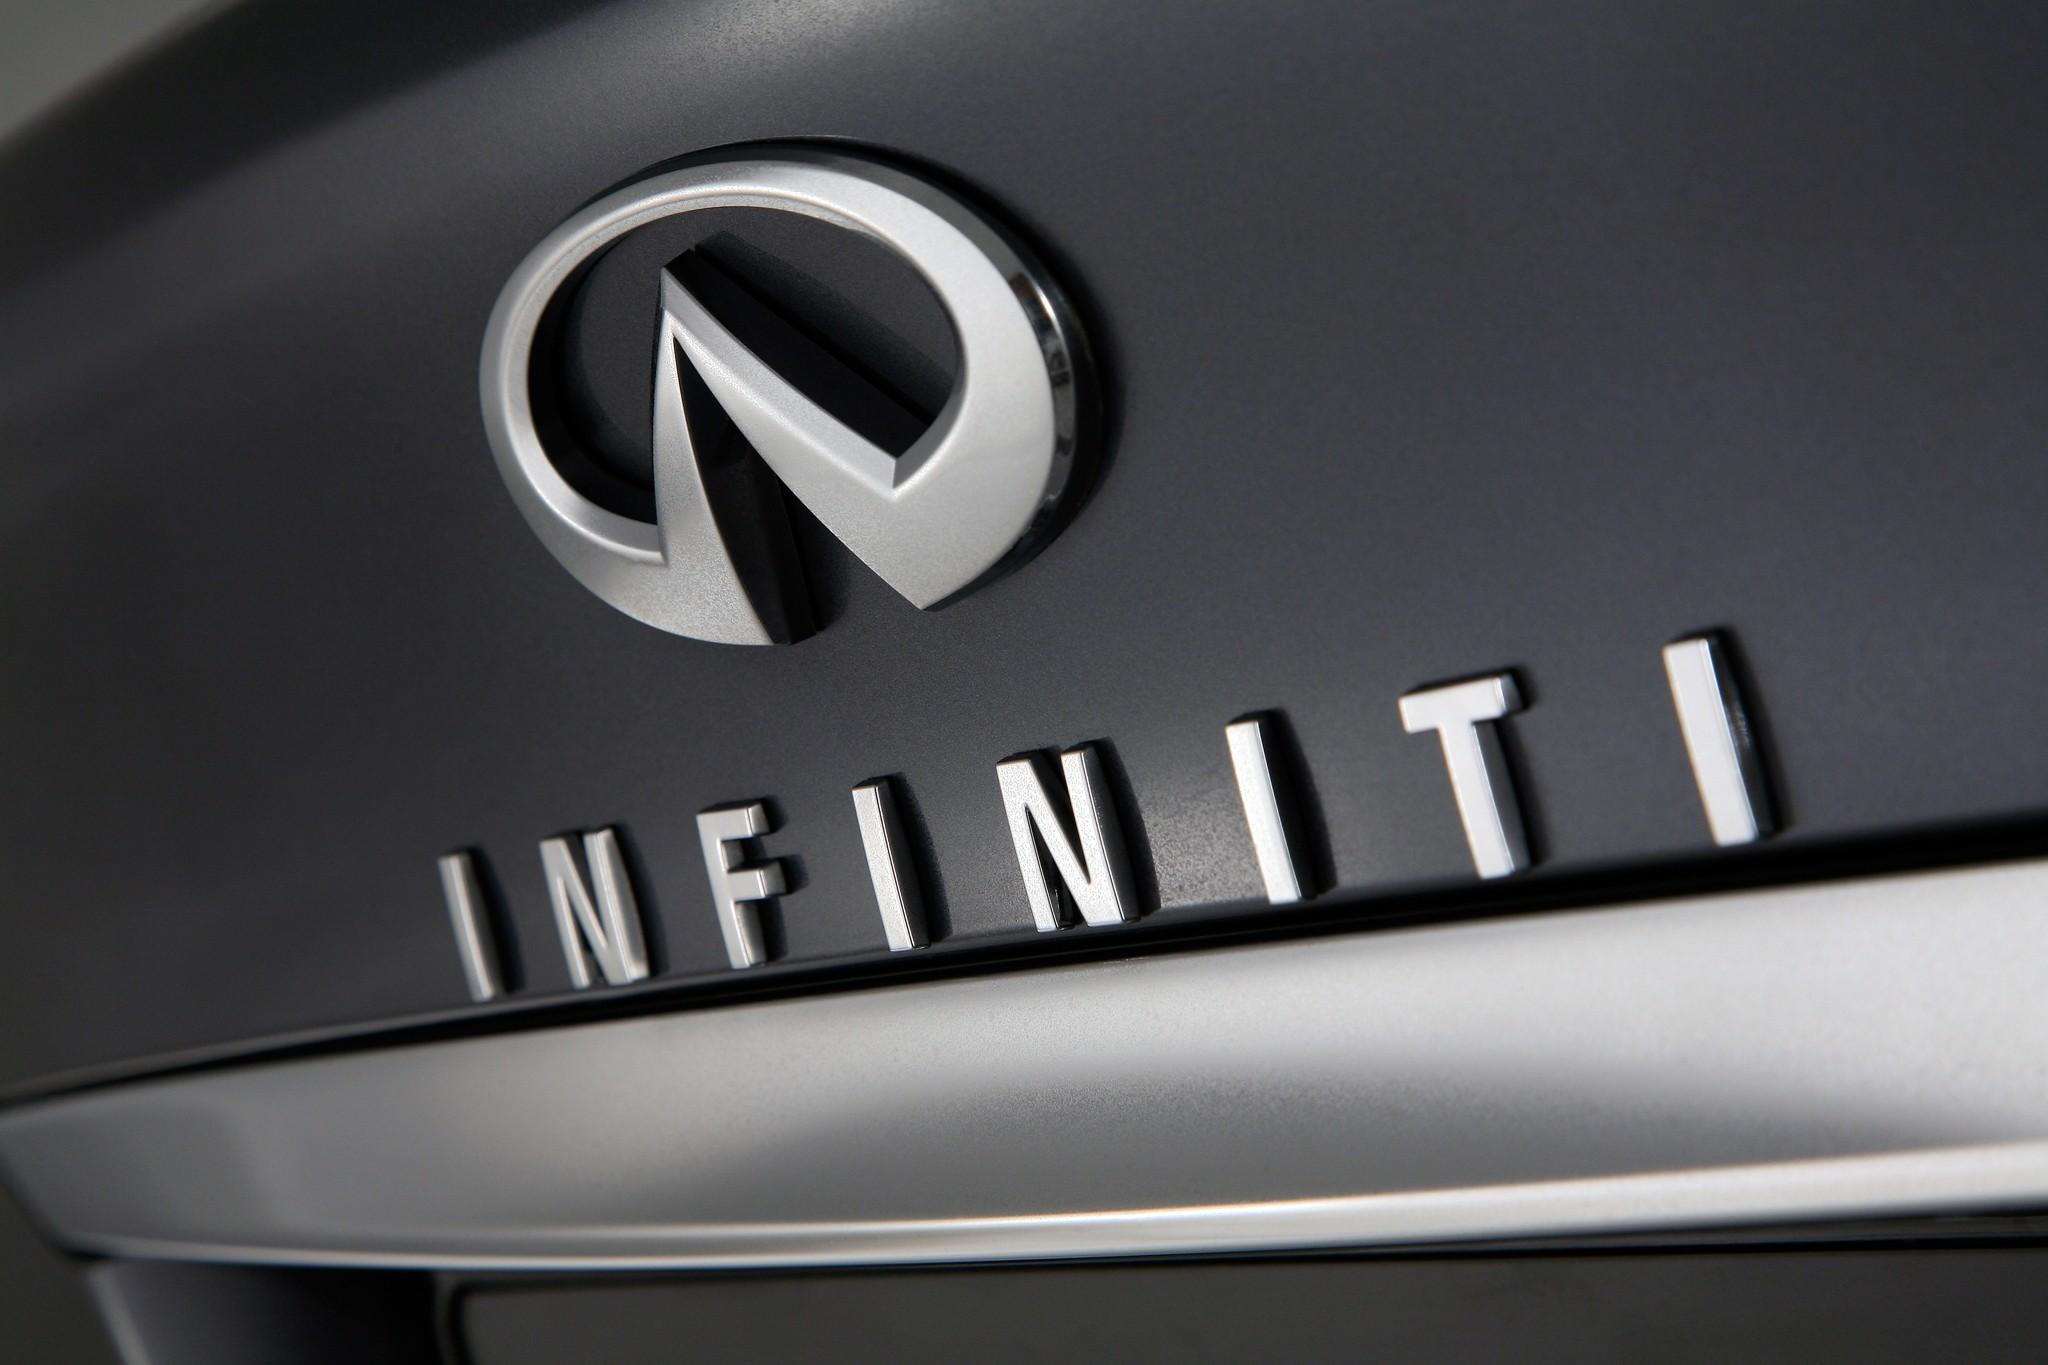 Инфинити предлагает онлайн согласие кредита наавтомобили спробегом